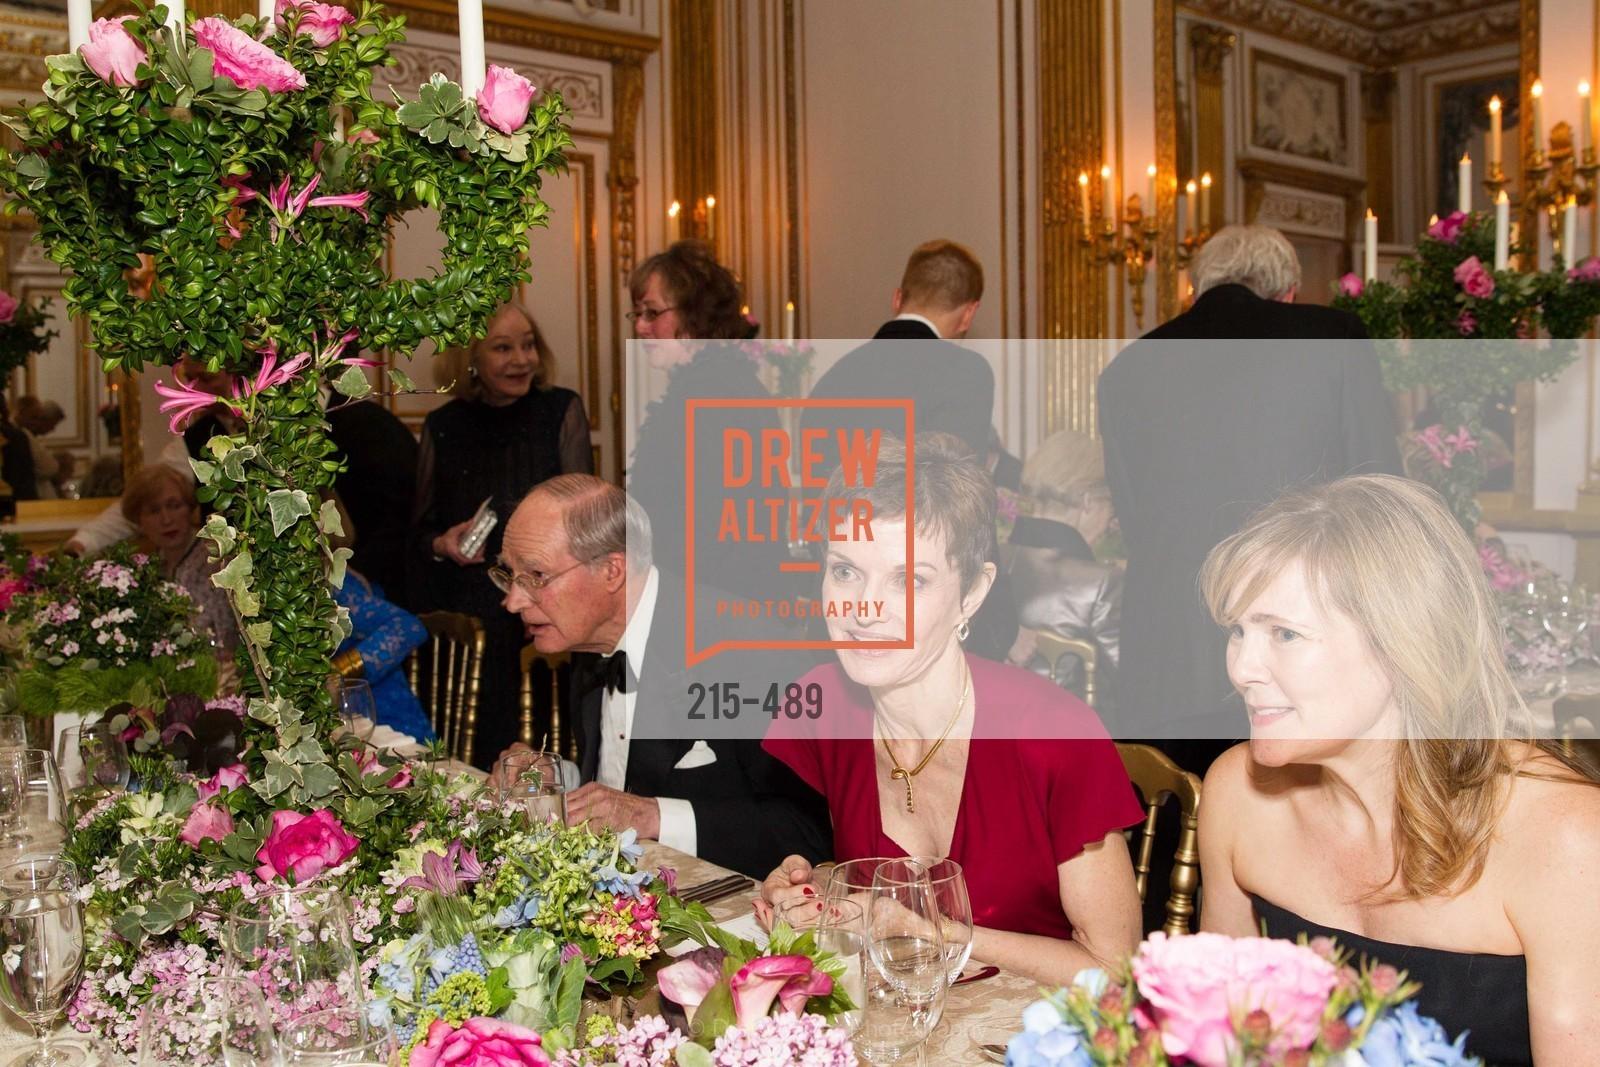 Denise Littlefield Sobel, Maria Santangelo, The Salon Doré from the Hôtel de La Trémoille Private Dinner, US. The Battery, April 1st, 2014